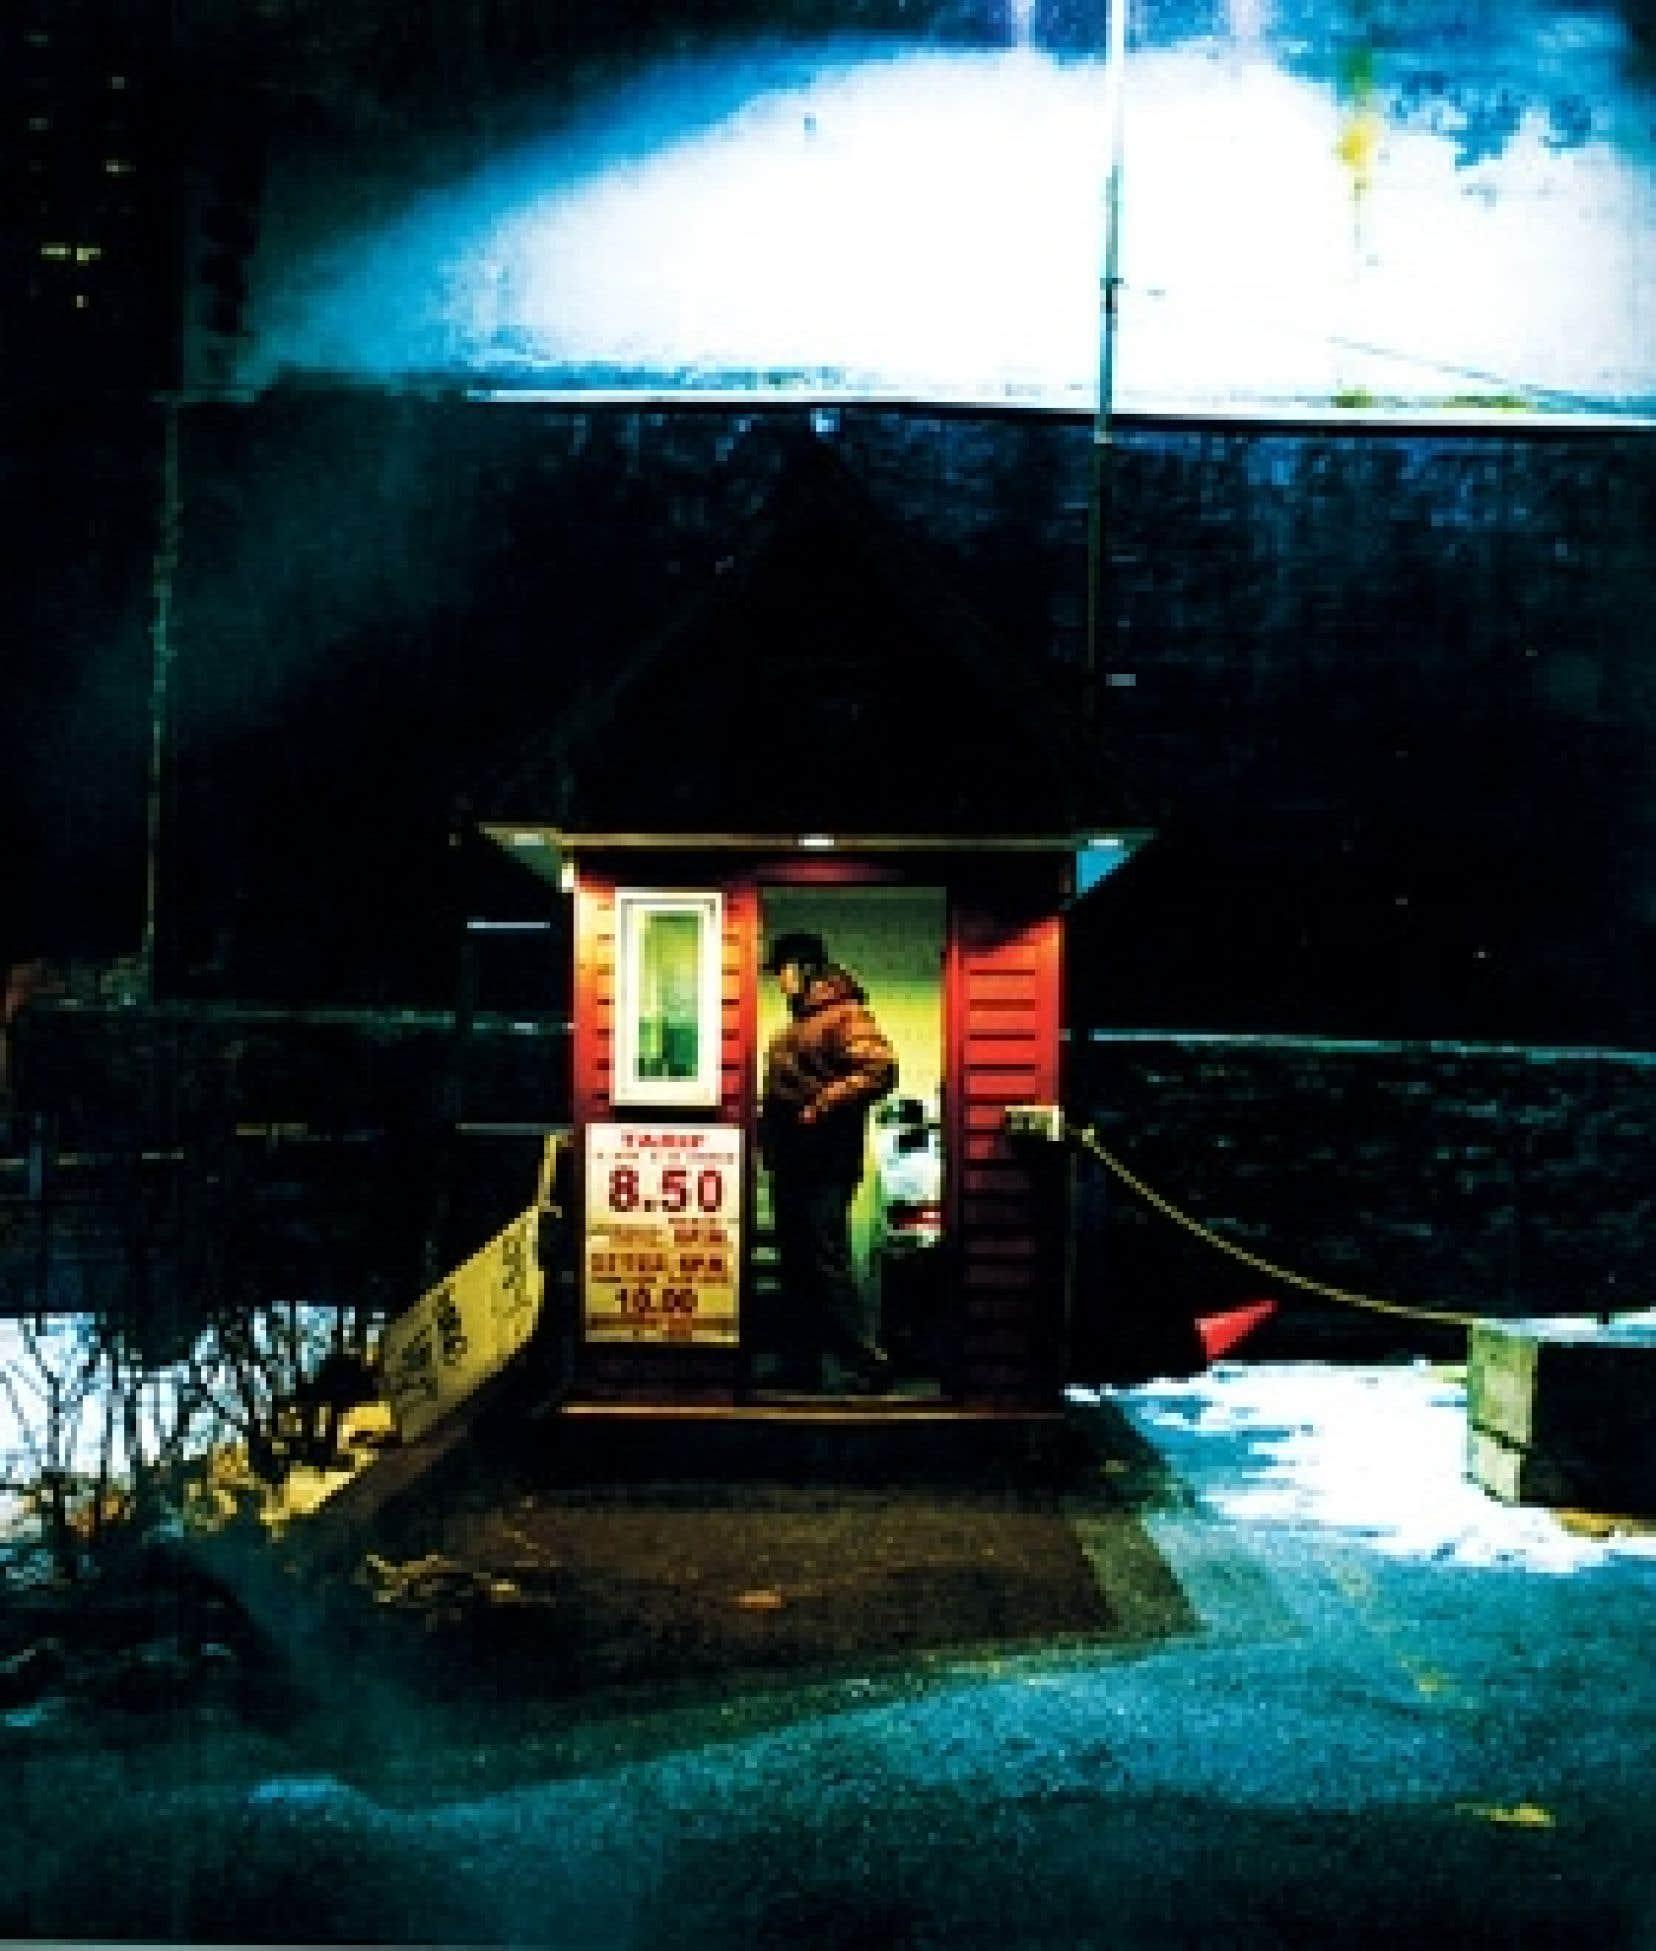 La solitude du gardien de parking. Les deux photographies sont tirées de 24h/24 – La nuit se lève; texte de Véronique Dassas.